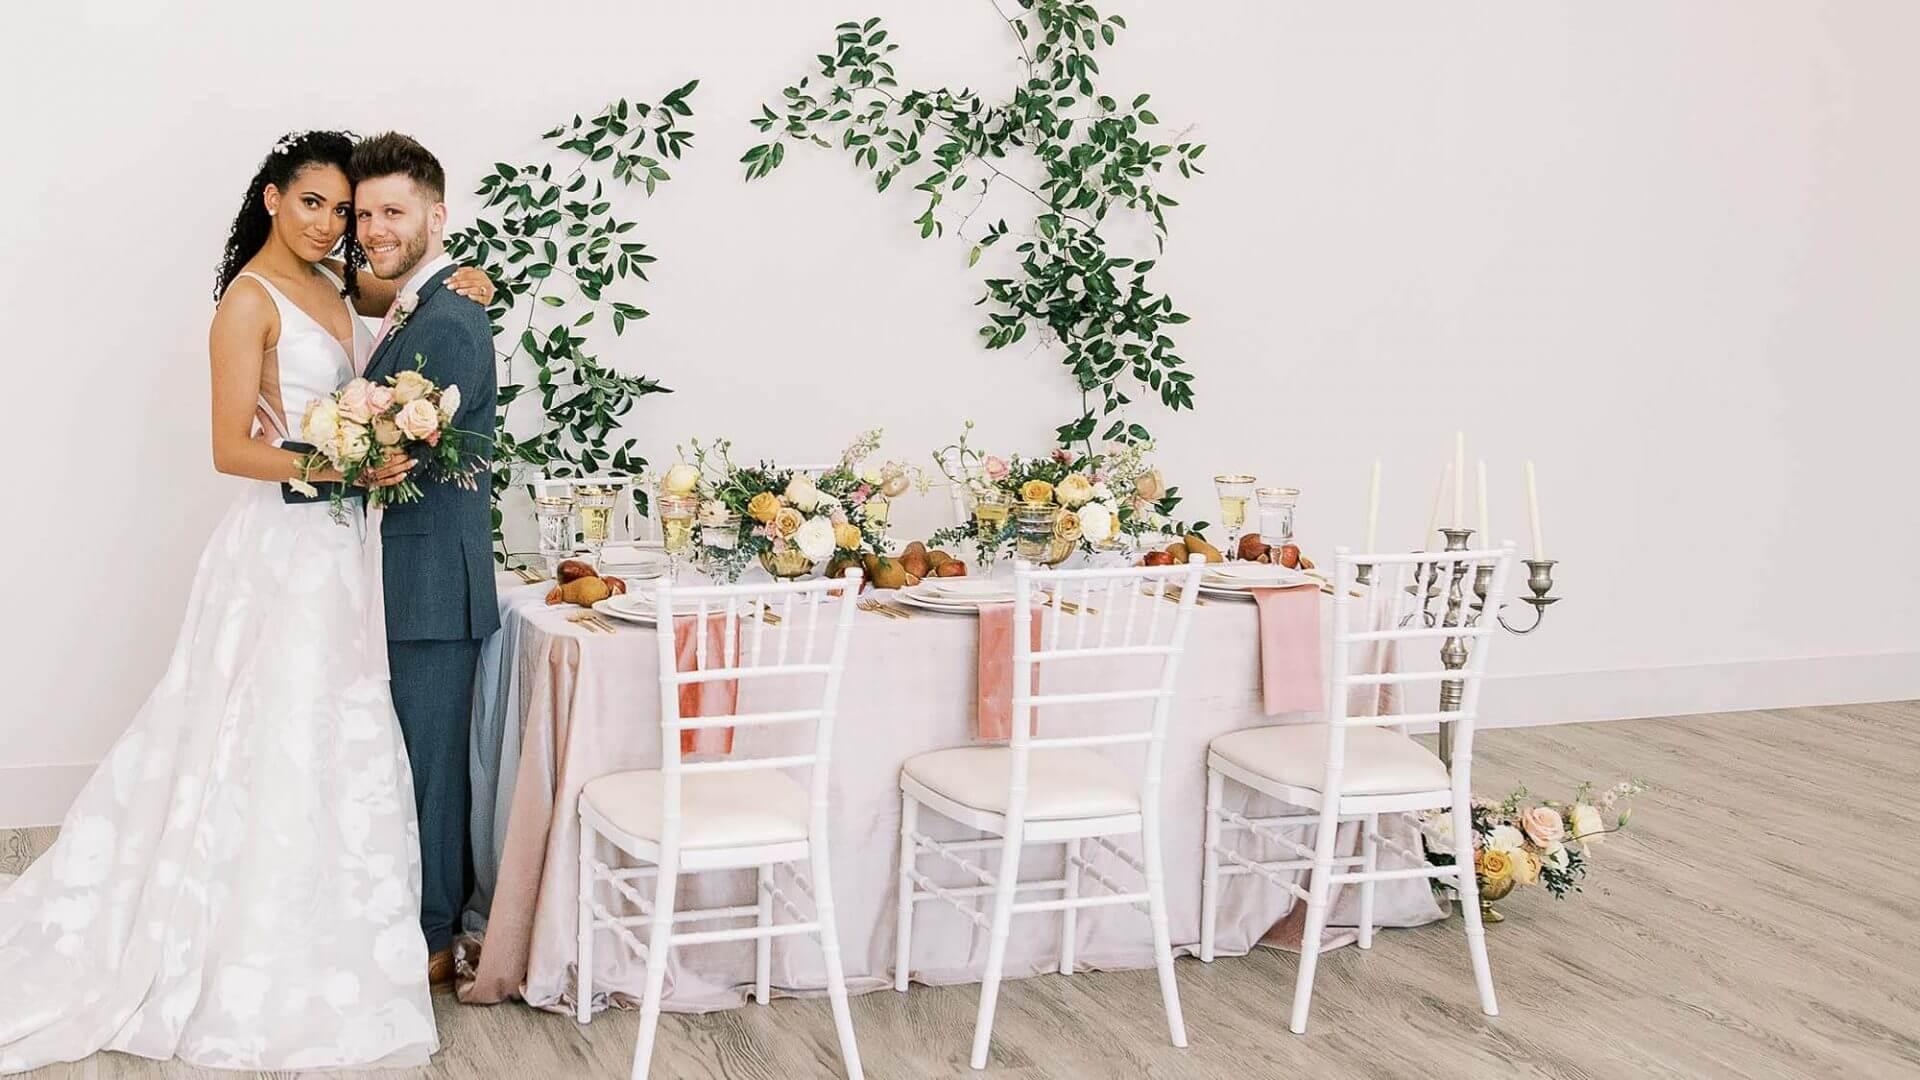 Bride and groom brighton abbey wedding venue